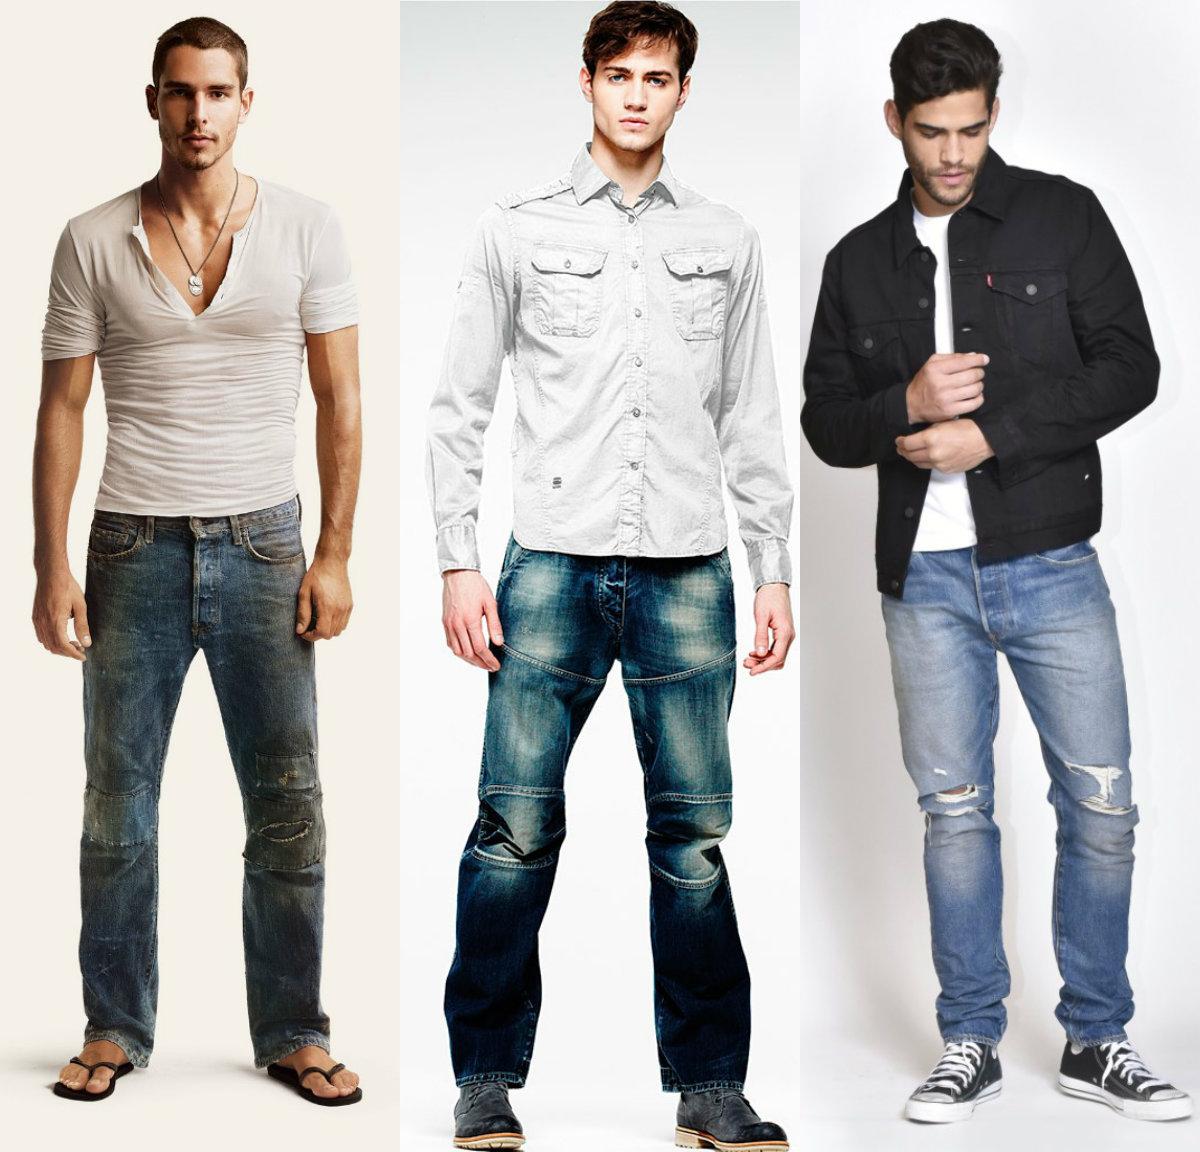 Мужские джинсы 2019: неформальные варианты